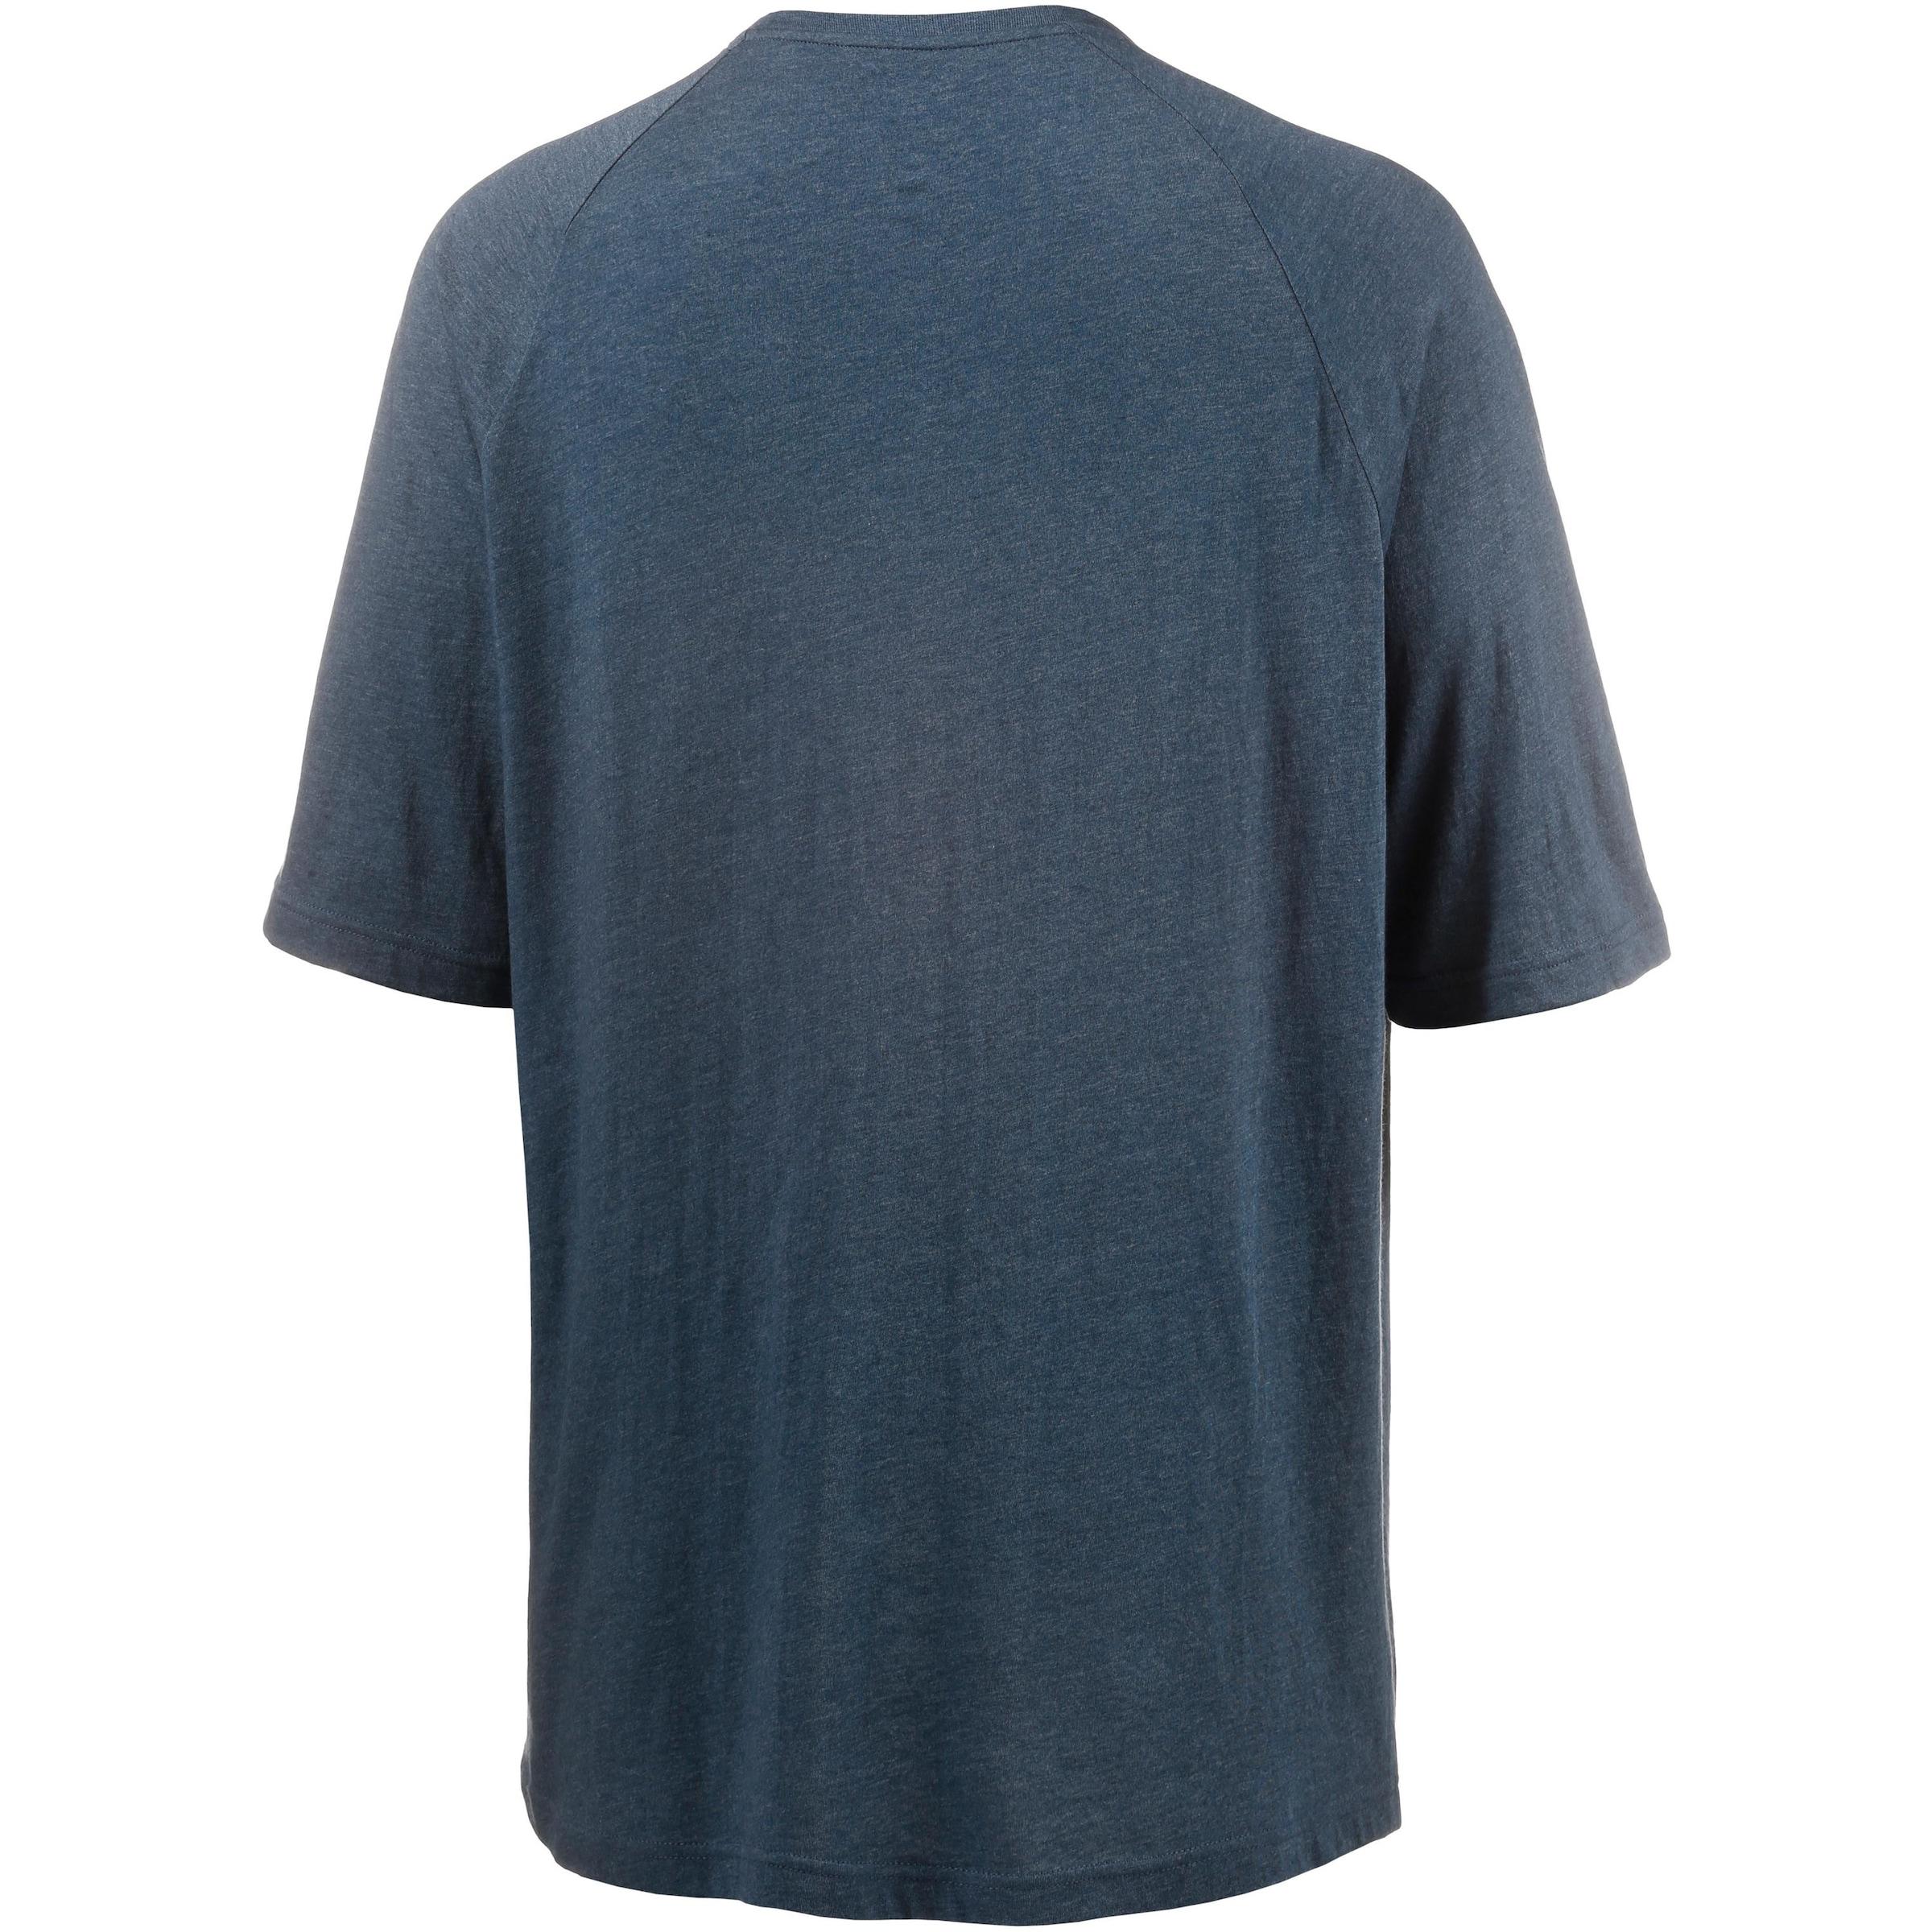 MAUI WOWIE Oversize Shirt 100% Authentisch Verkauf Online Preiswerte Neue Ankunft rtr0IQ6Y